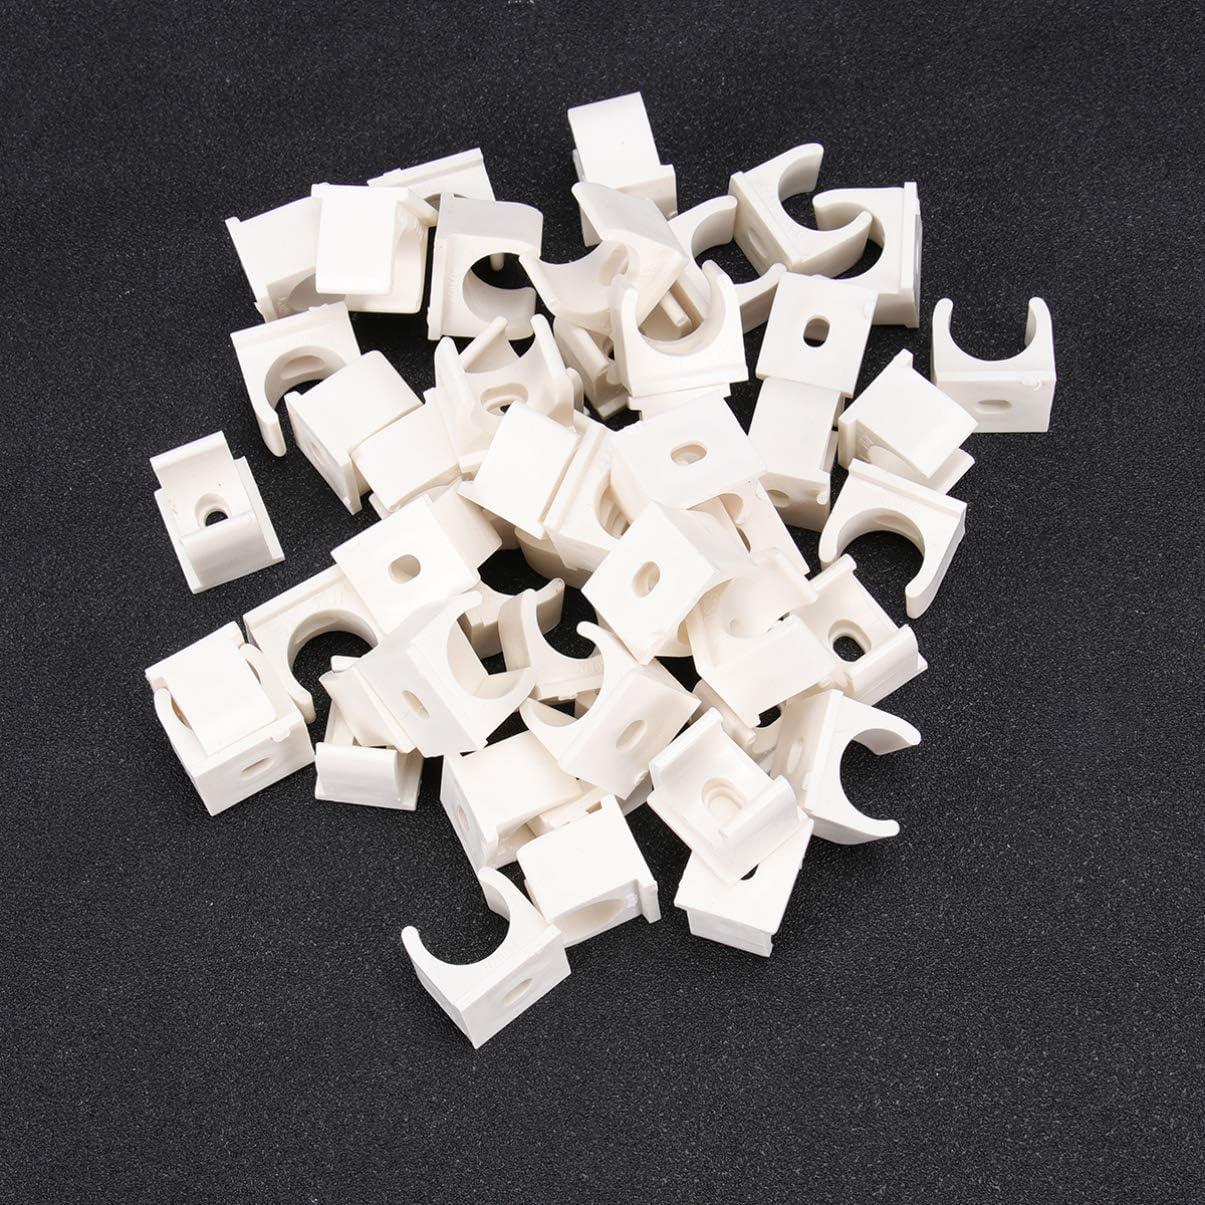 DOITOOL 50 st/ücke pex rohr unterst/ützung kleiderb/ügel 3//4 zoll u-haken pex halter pvc rohrschellen clips 20mm